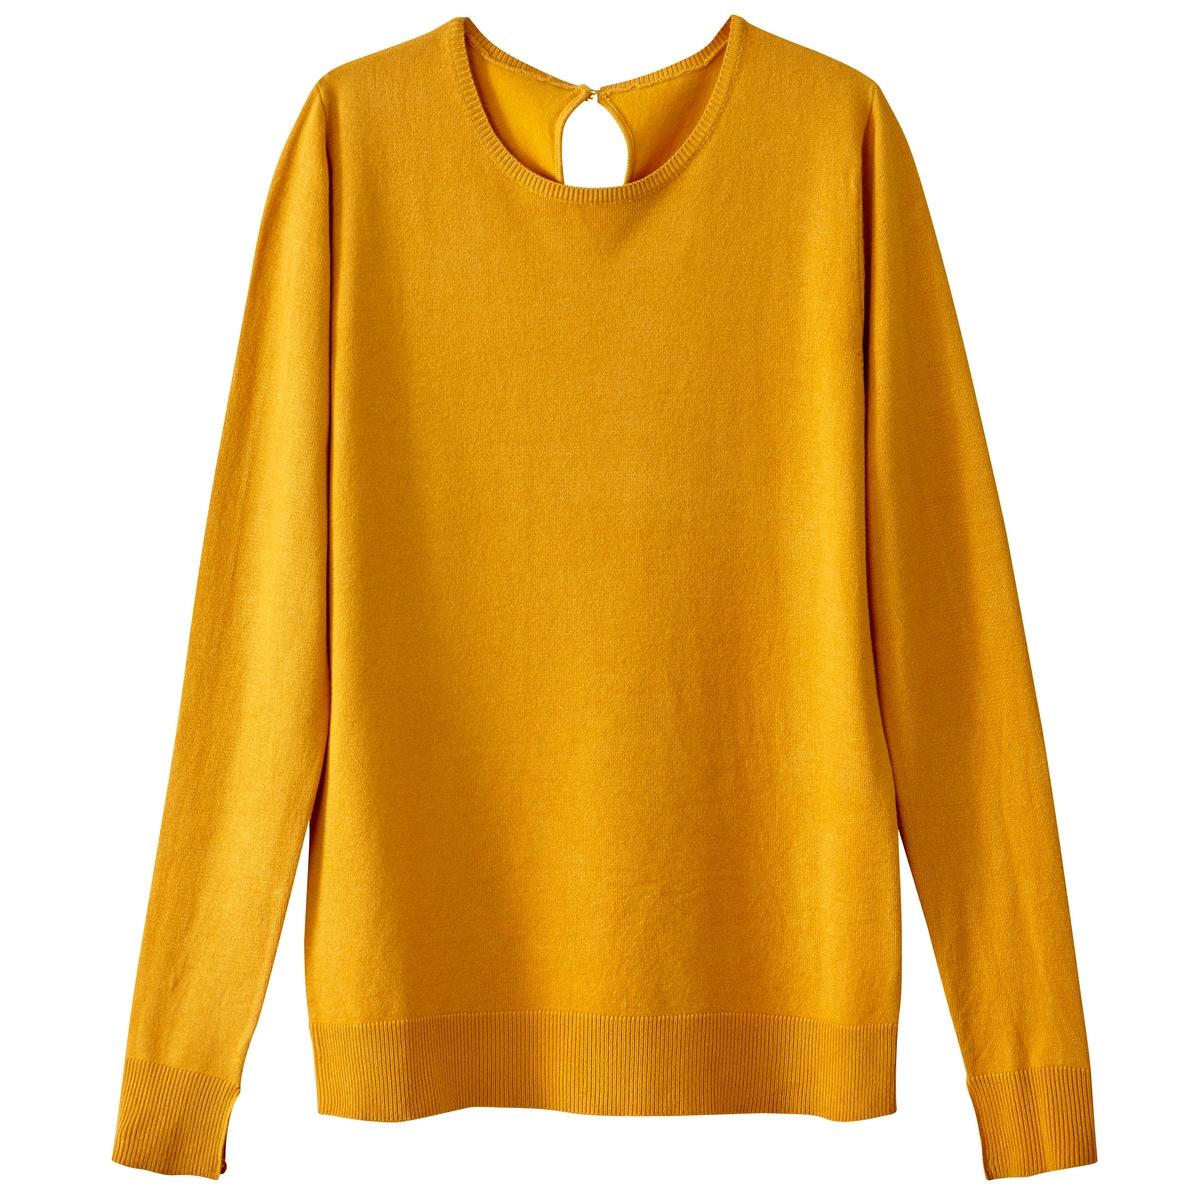 Пуловер из вискозы с прорезями для больших пальцев на рукавах